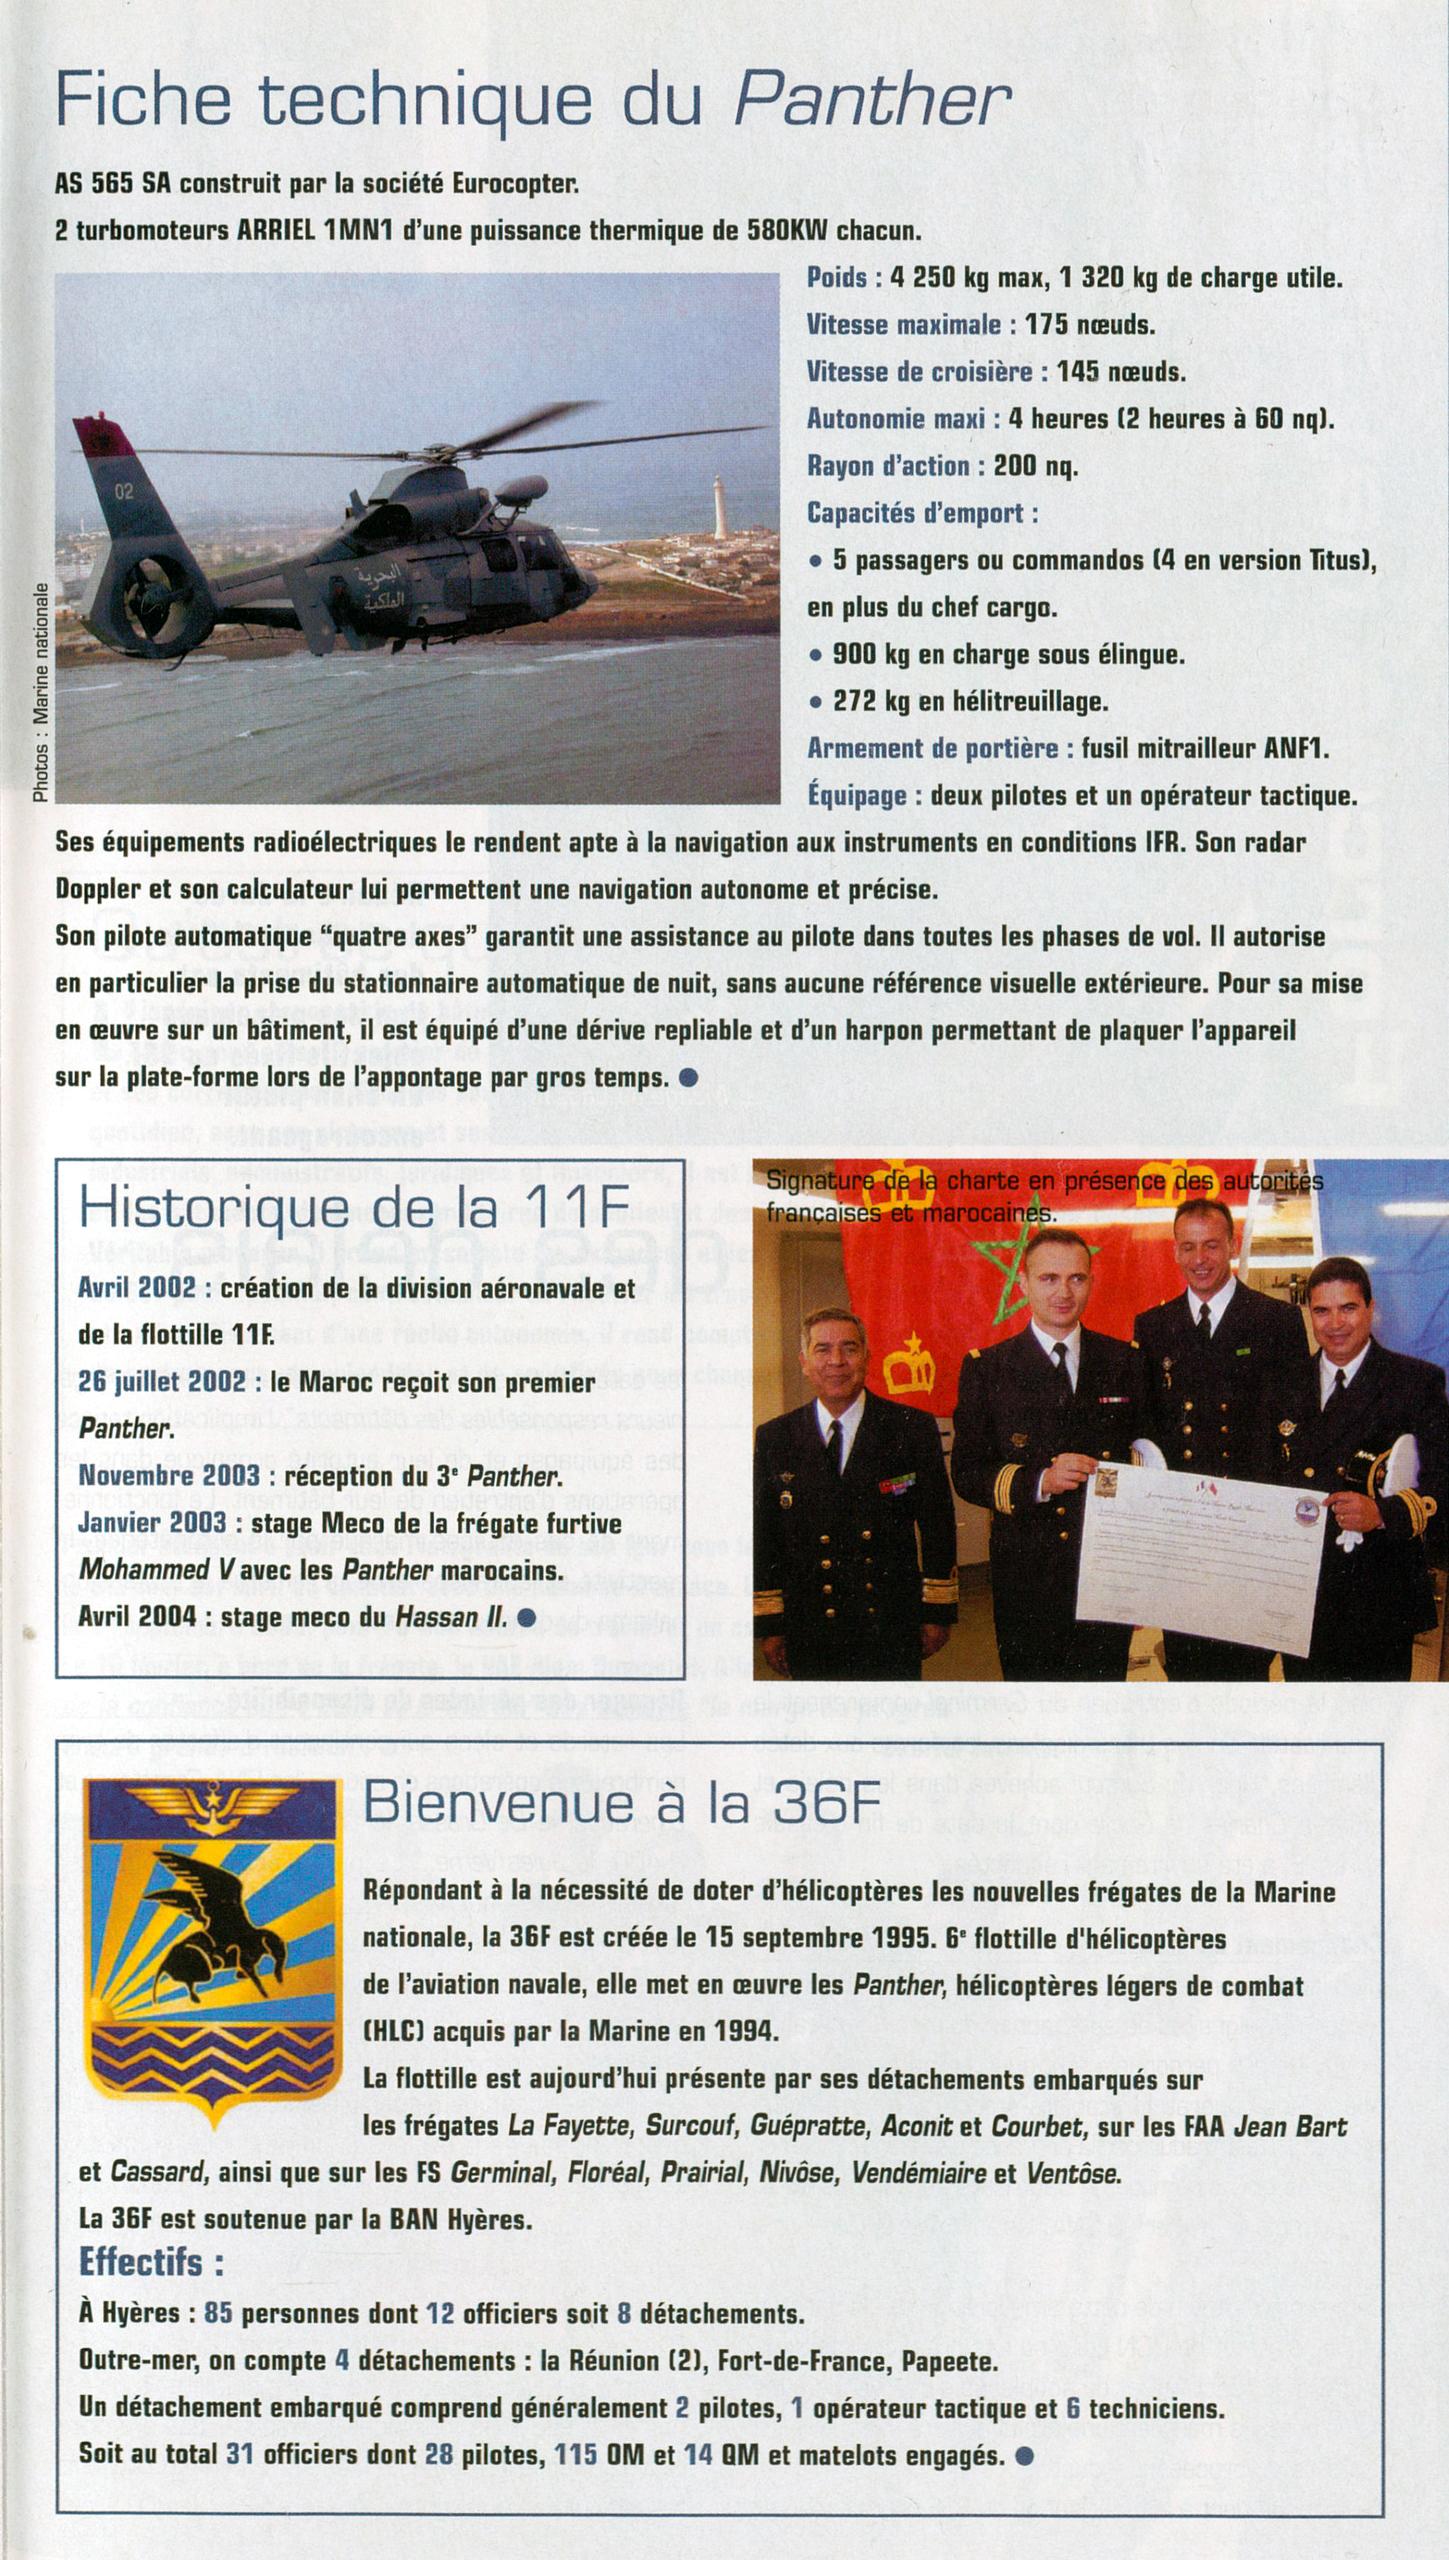 Le Groupement des Flotilles de l'Aéronautique Navale Marocaine - 11F et 21F - Page 7 50970405158_78a65b1dd0_o_d